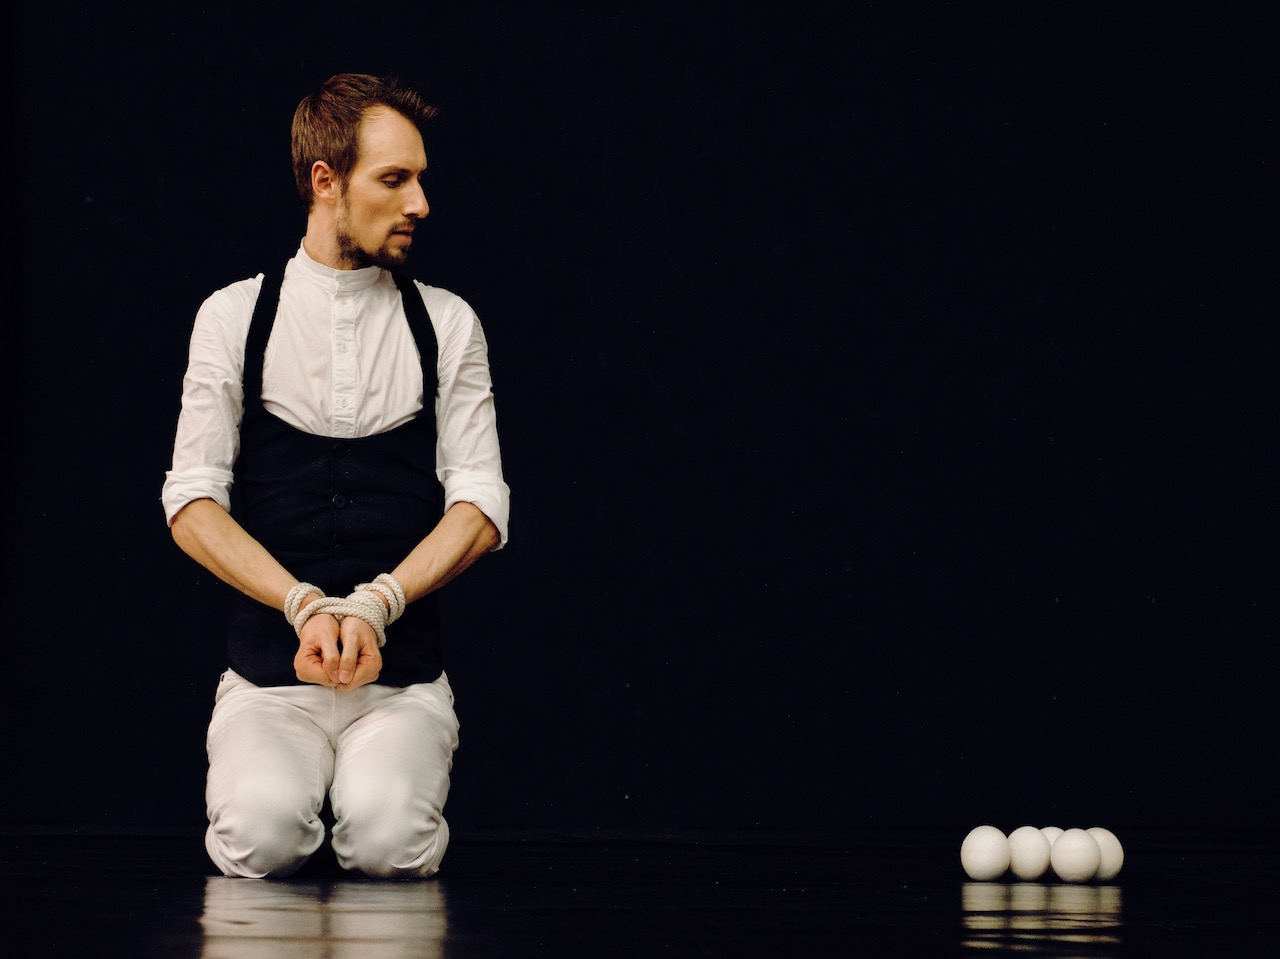 Stanislav Vysotskyi Juggling